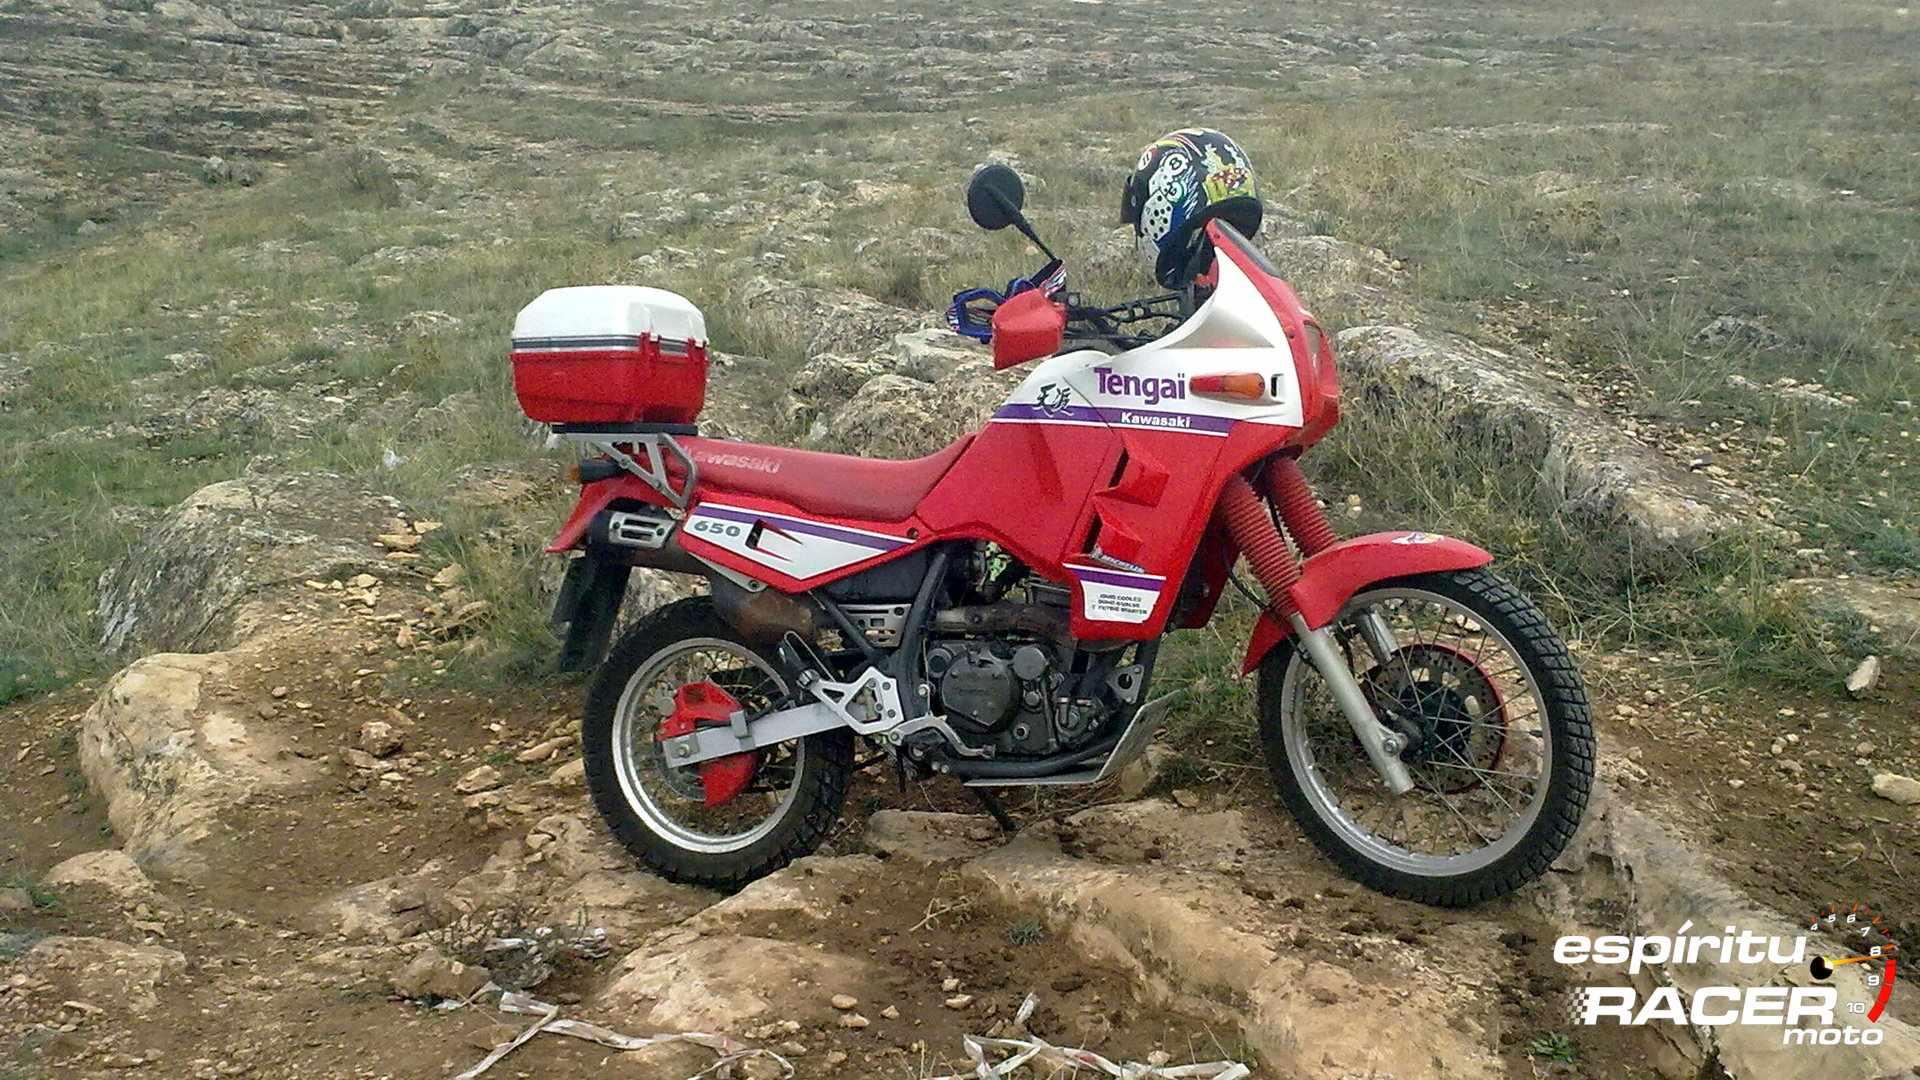 Kawasaki KLR 650 Tengai 4